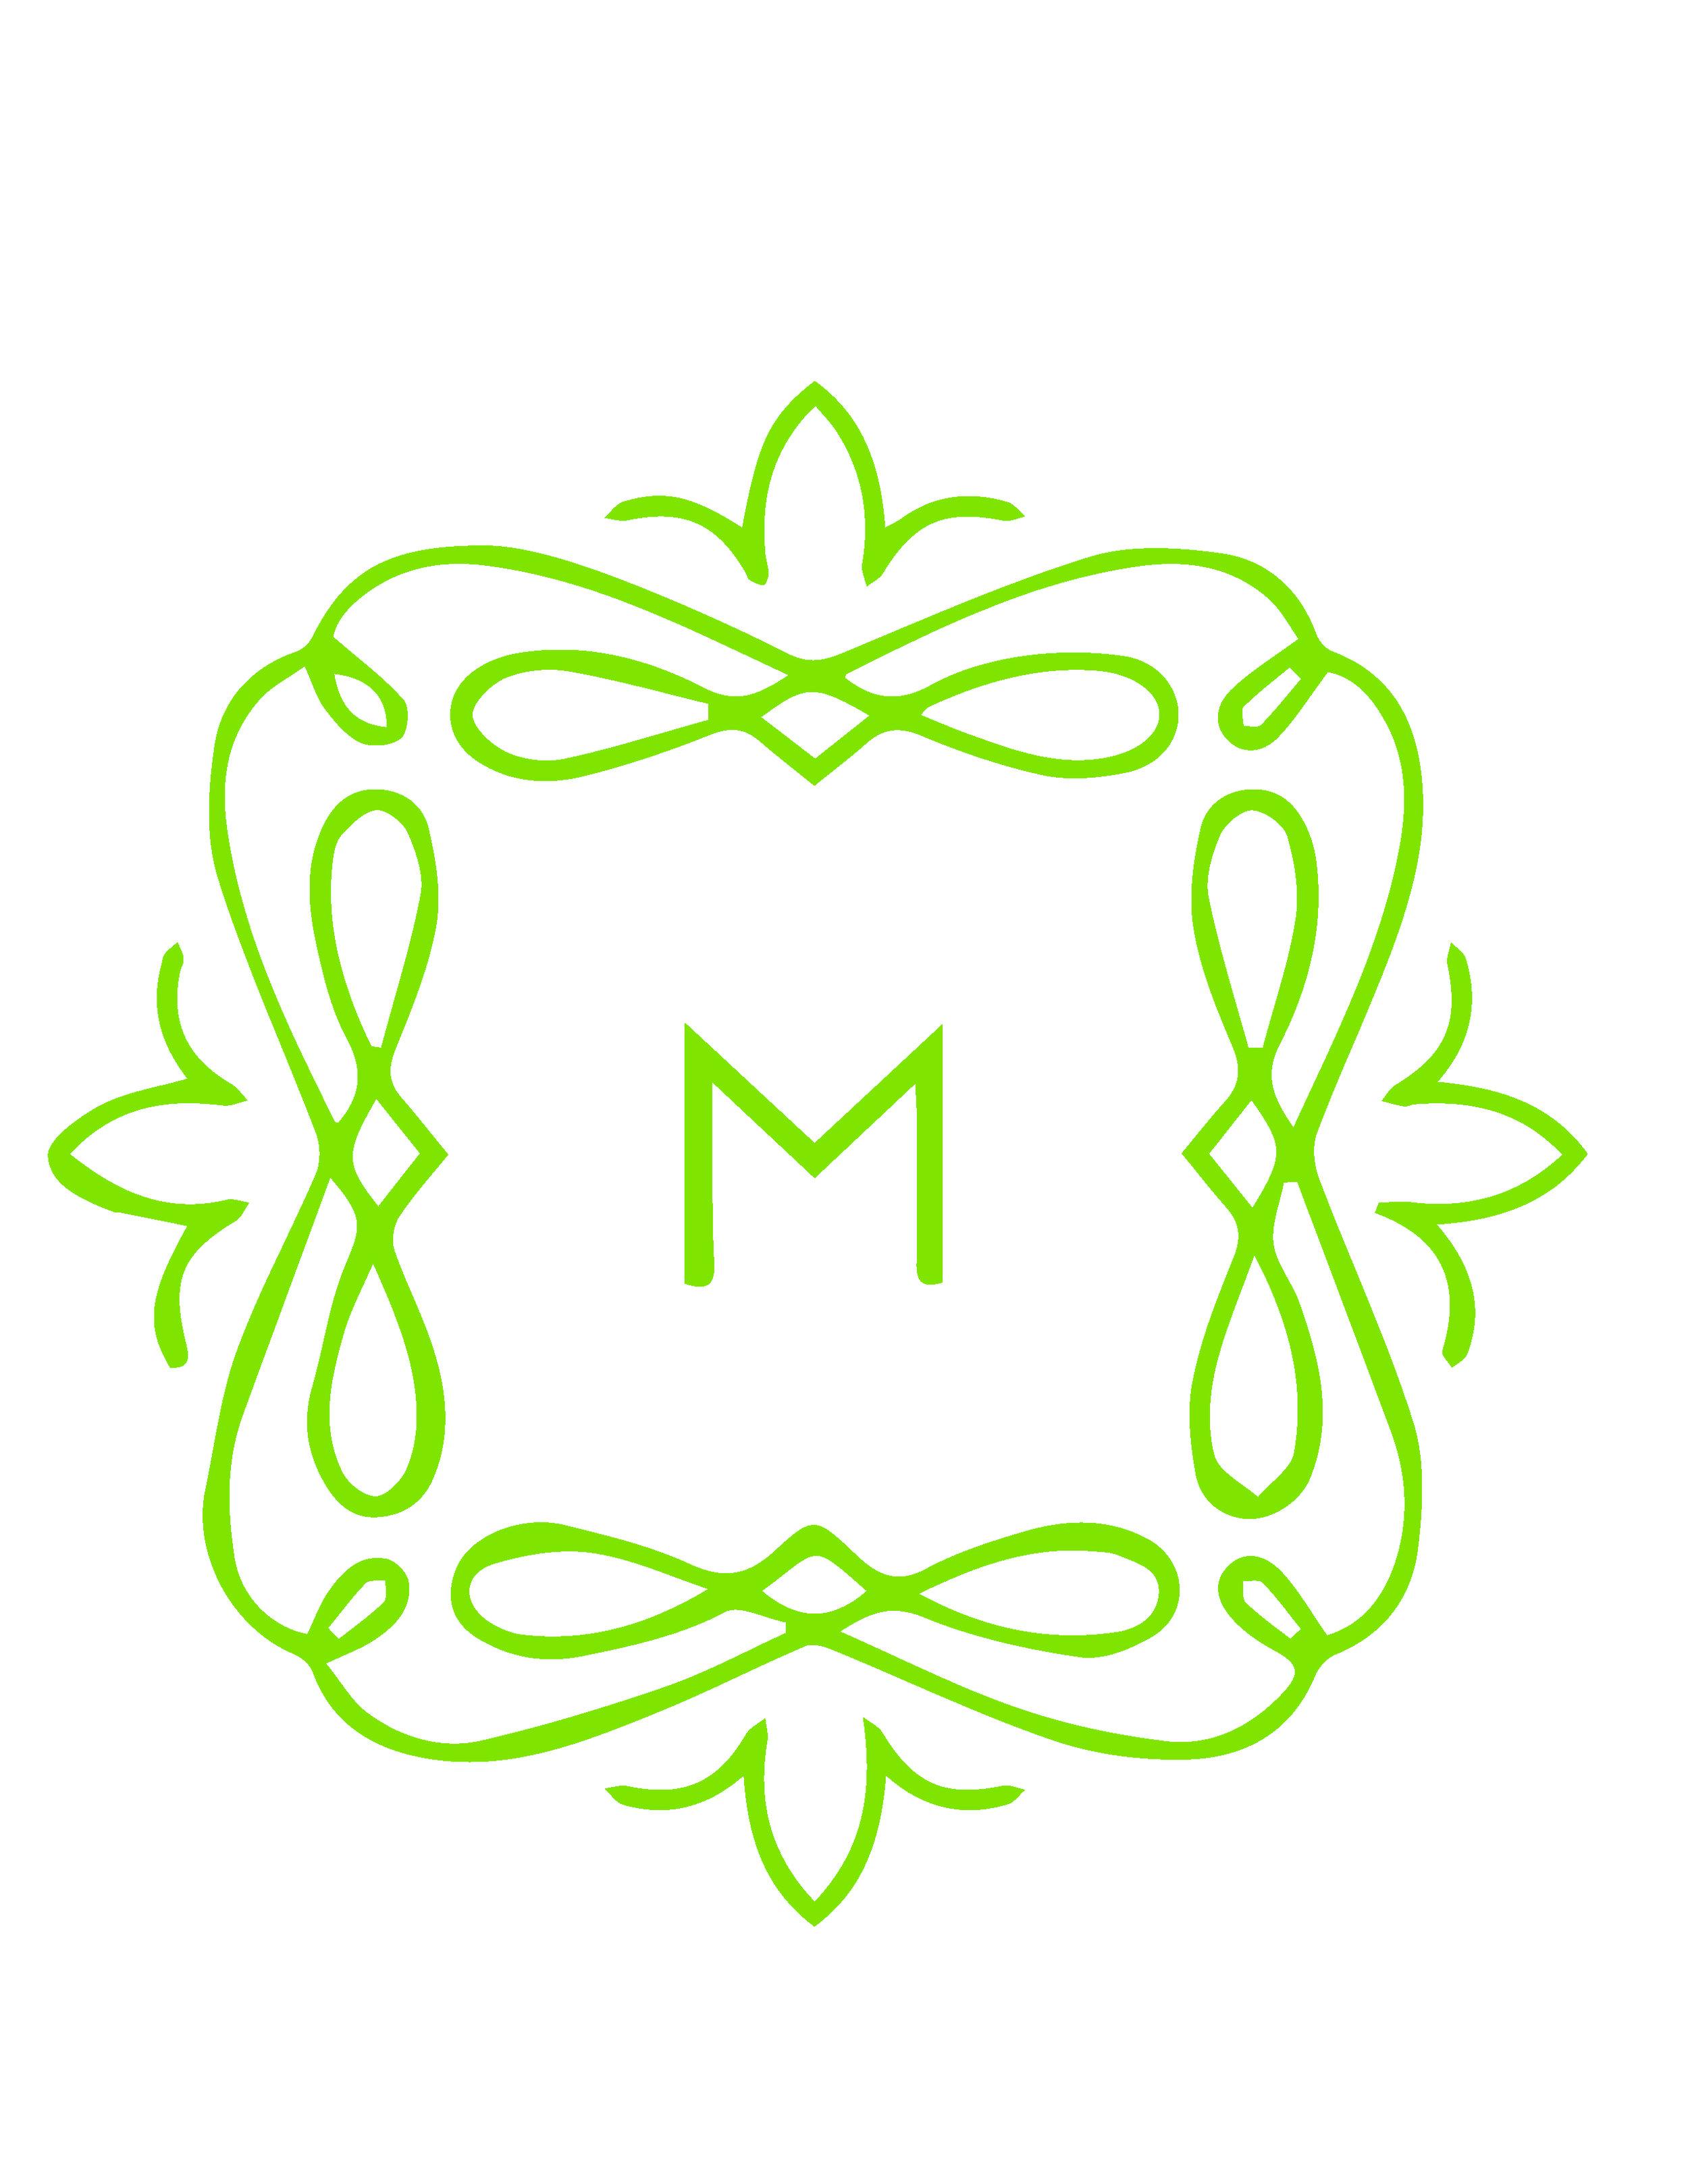 Etsy_towel-monogram_v3-03.jpg